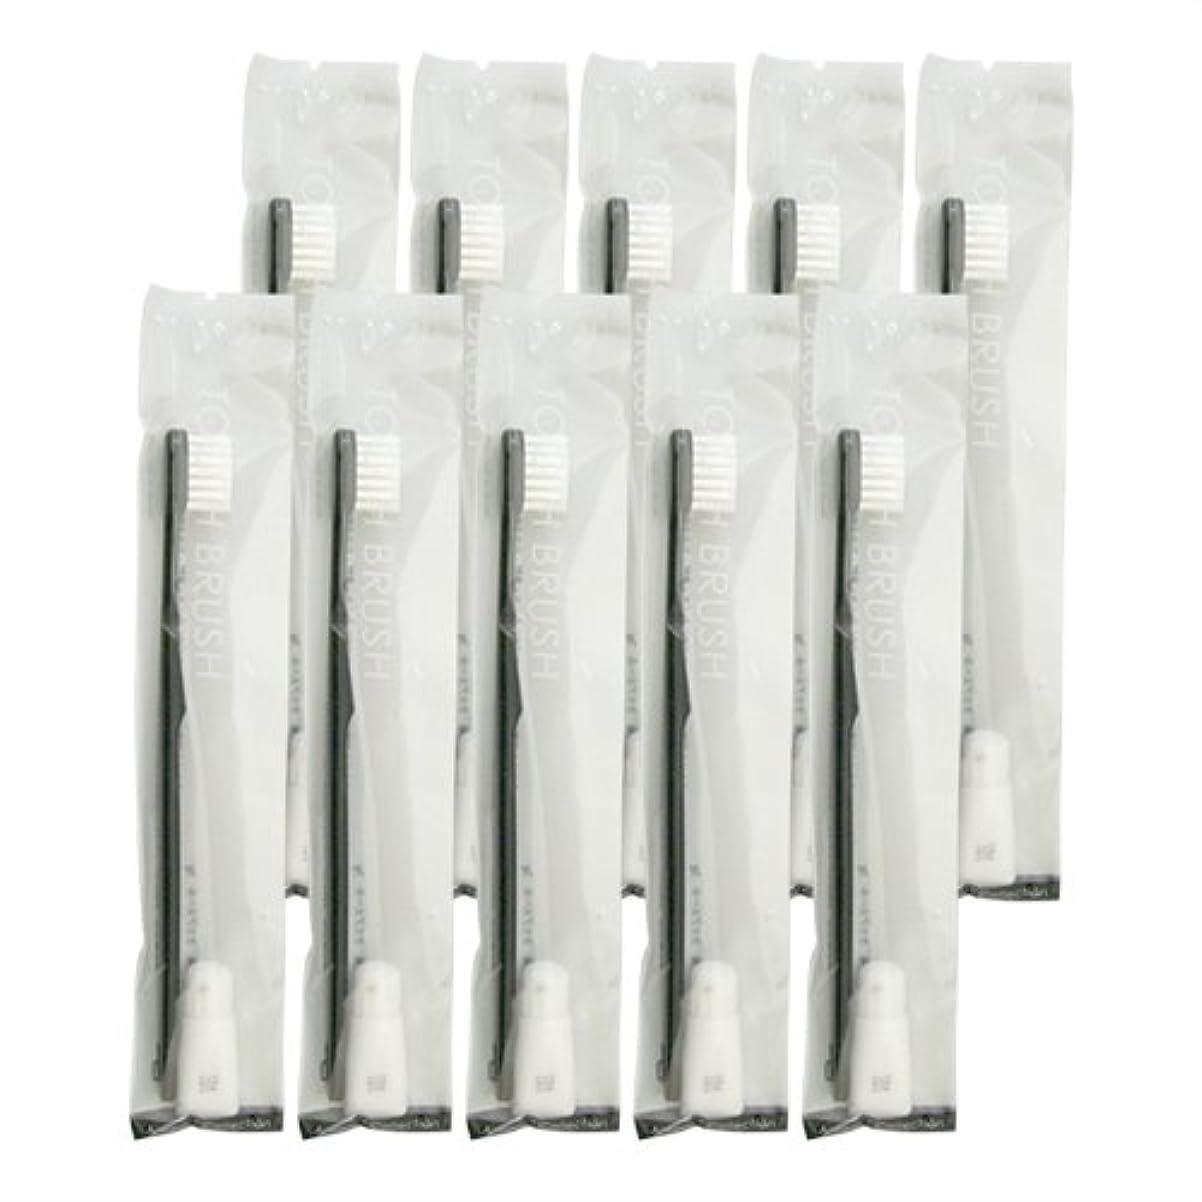 リフト口ひげ上流の業務用 使い捨て歯ブラシ チューブ歯磨き粉(3g)付き ブラック 10本セット│ホテルアメニティ 個包装タイプ